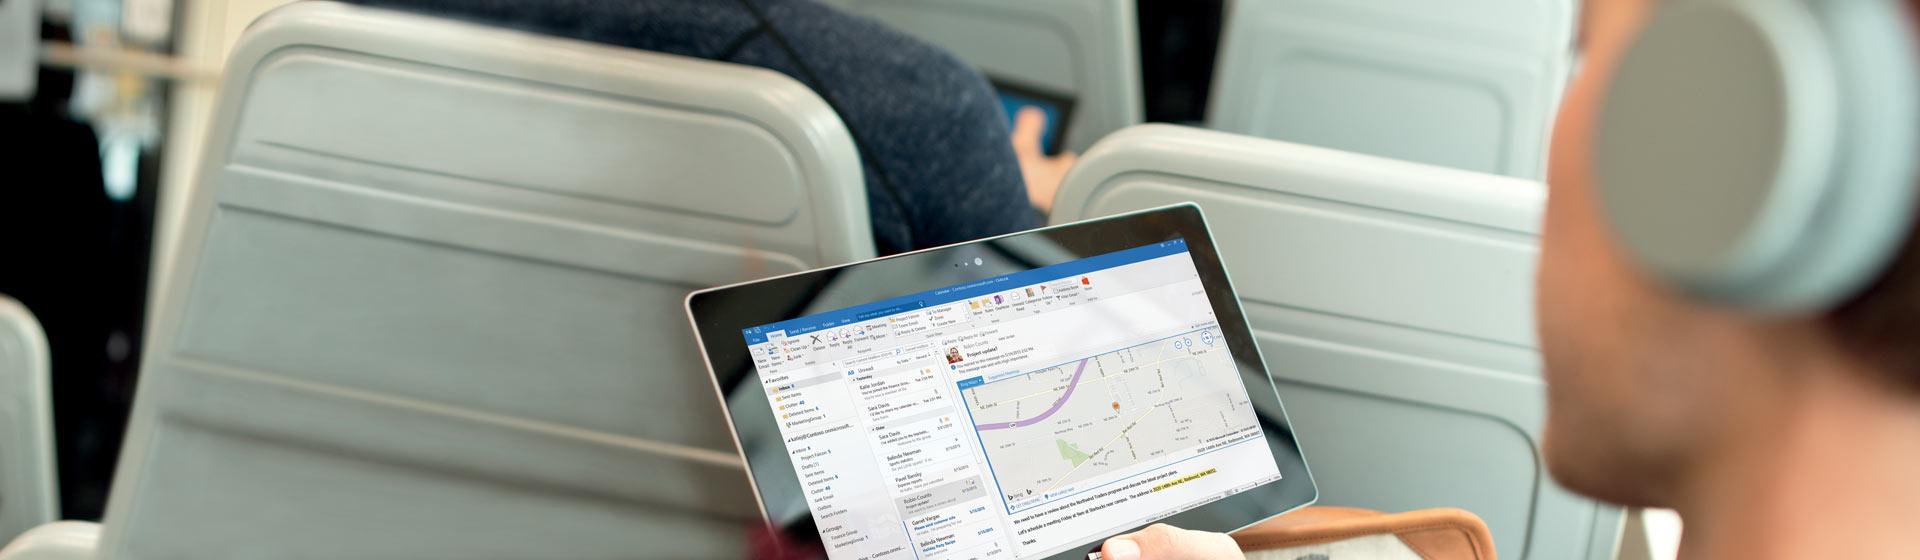 Seorang pria memegang tablet yang menampilkan kotak masuk email di Office 365